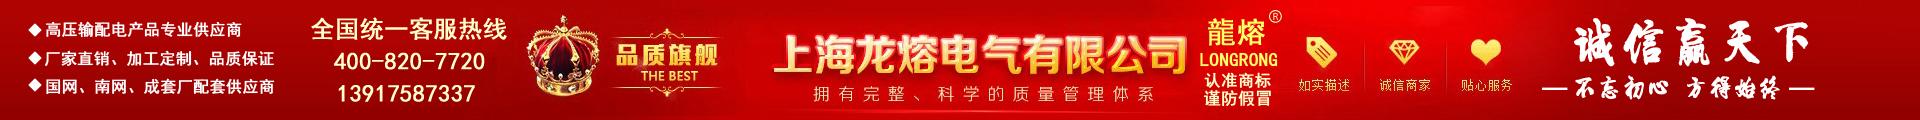 上海龍熔電氣有限公司